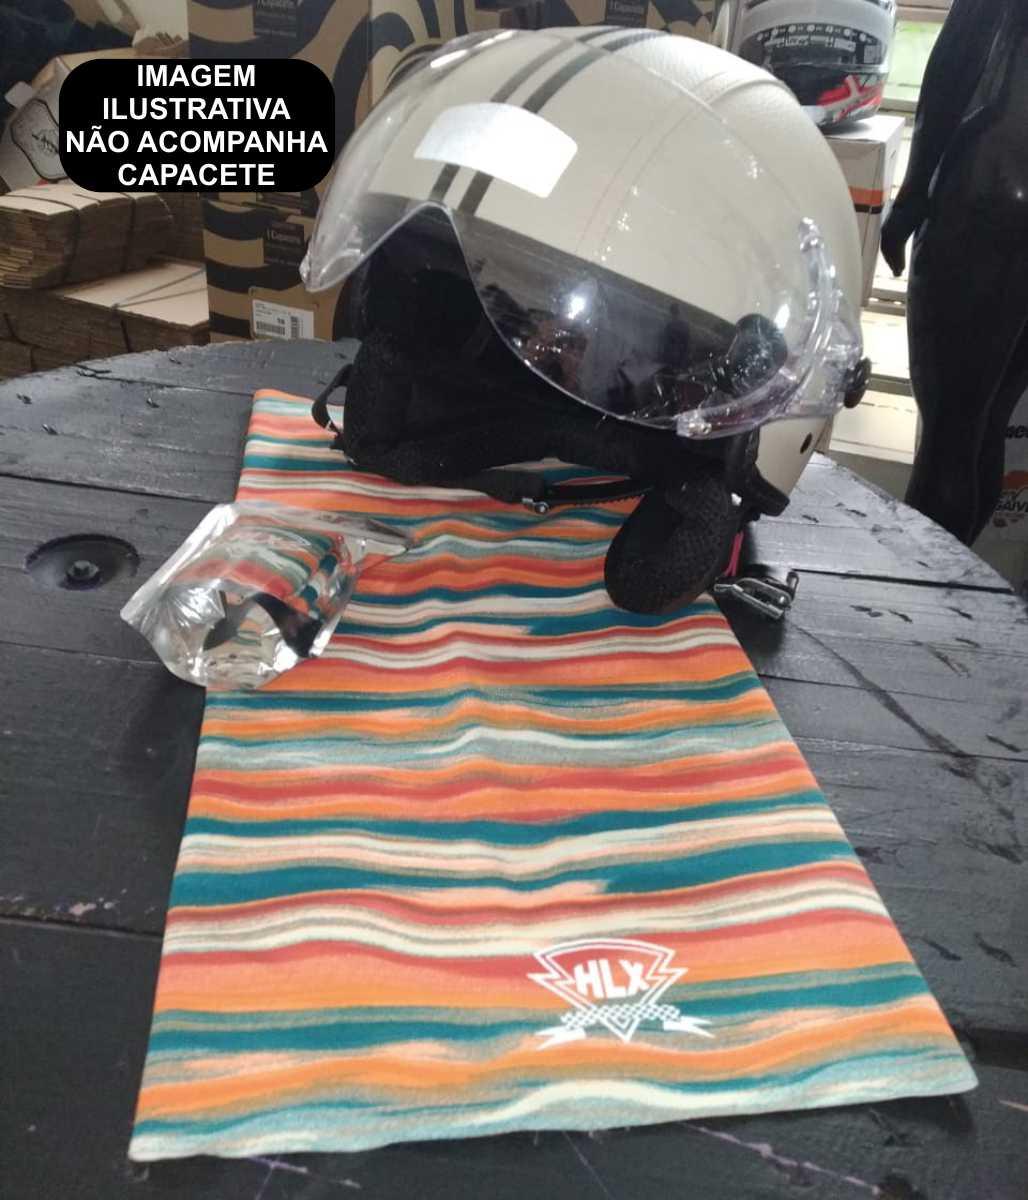 TUBO FLEX HLX RACING CAVEIRA BANDANA MASCARA BUFF ESTAMPADO COLORIDO